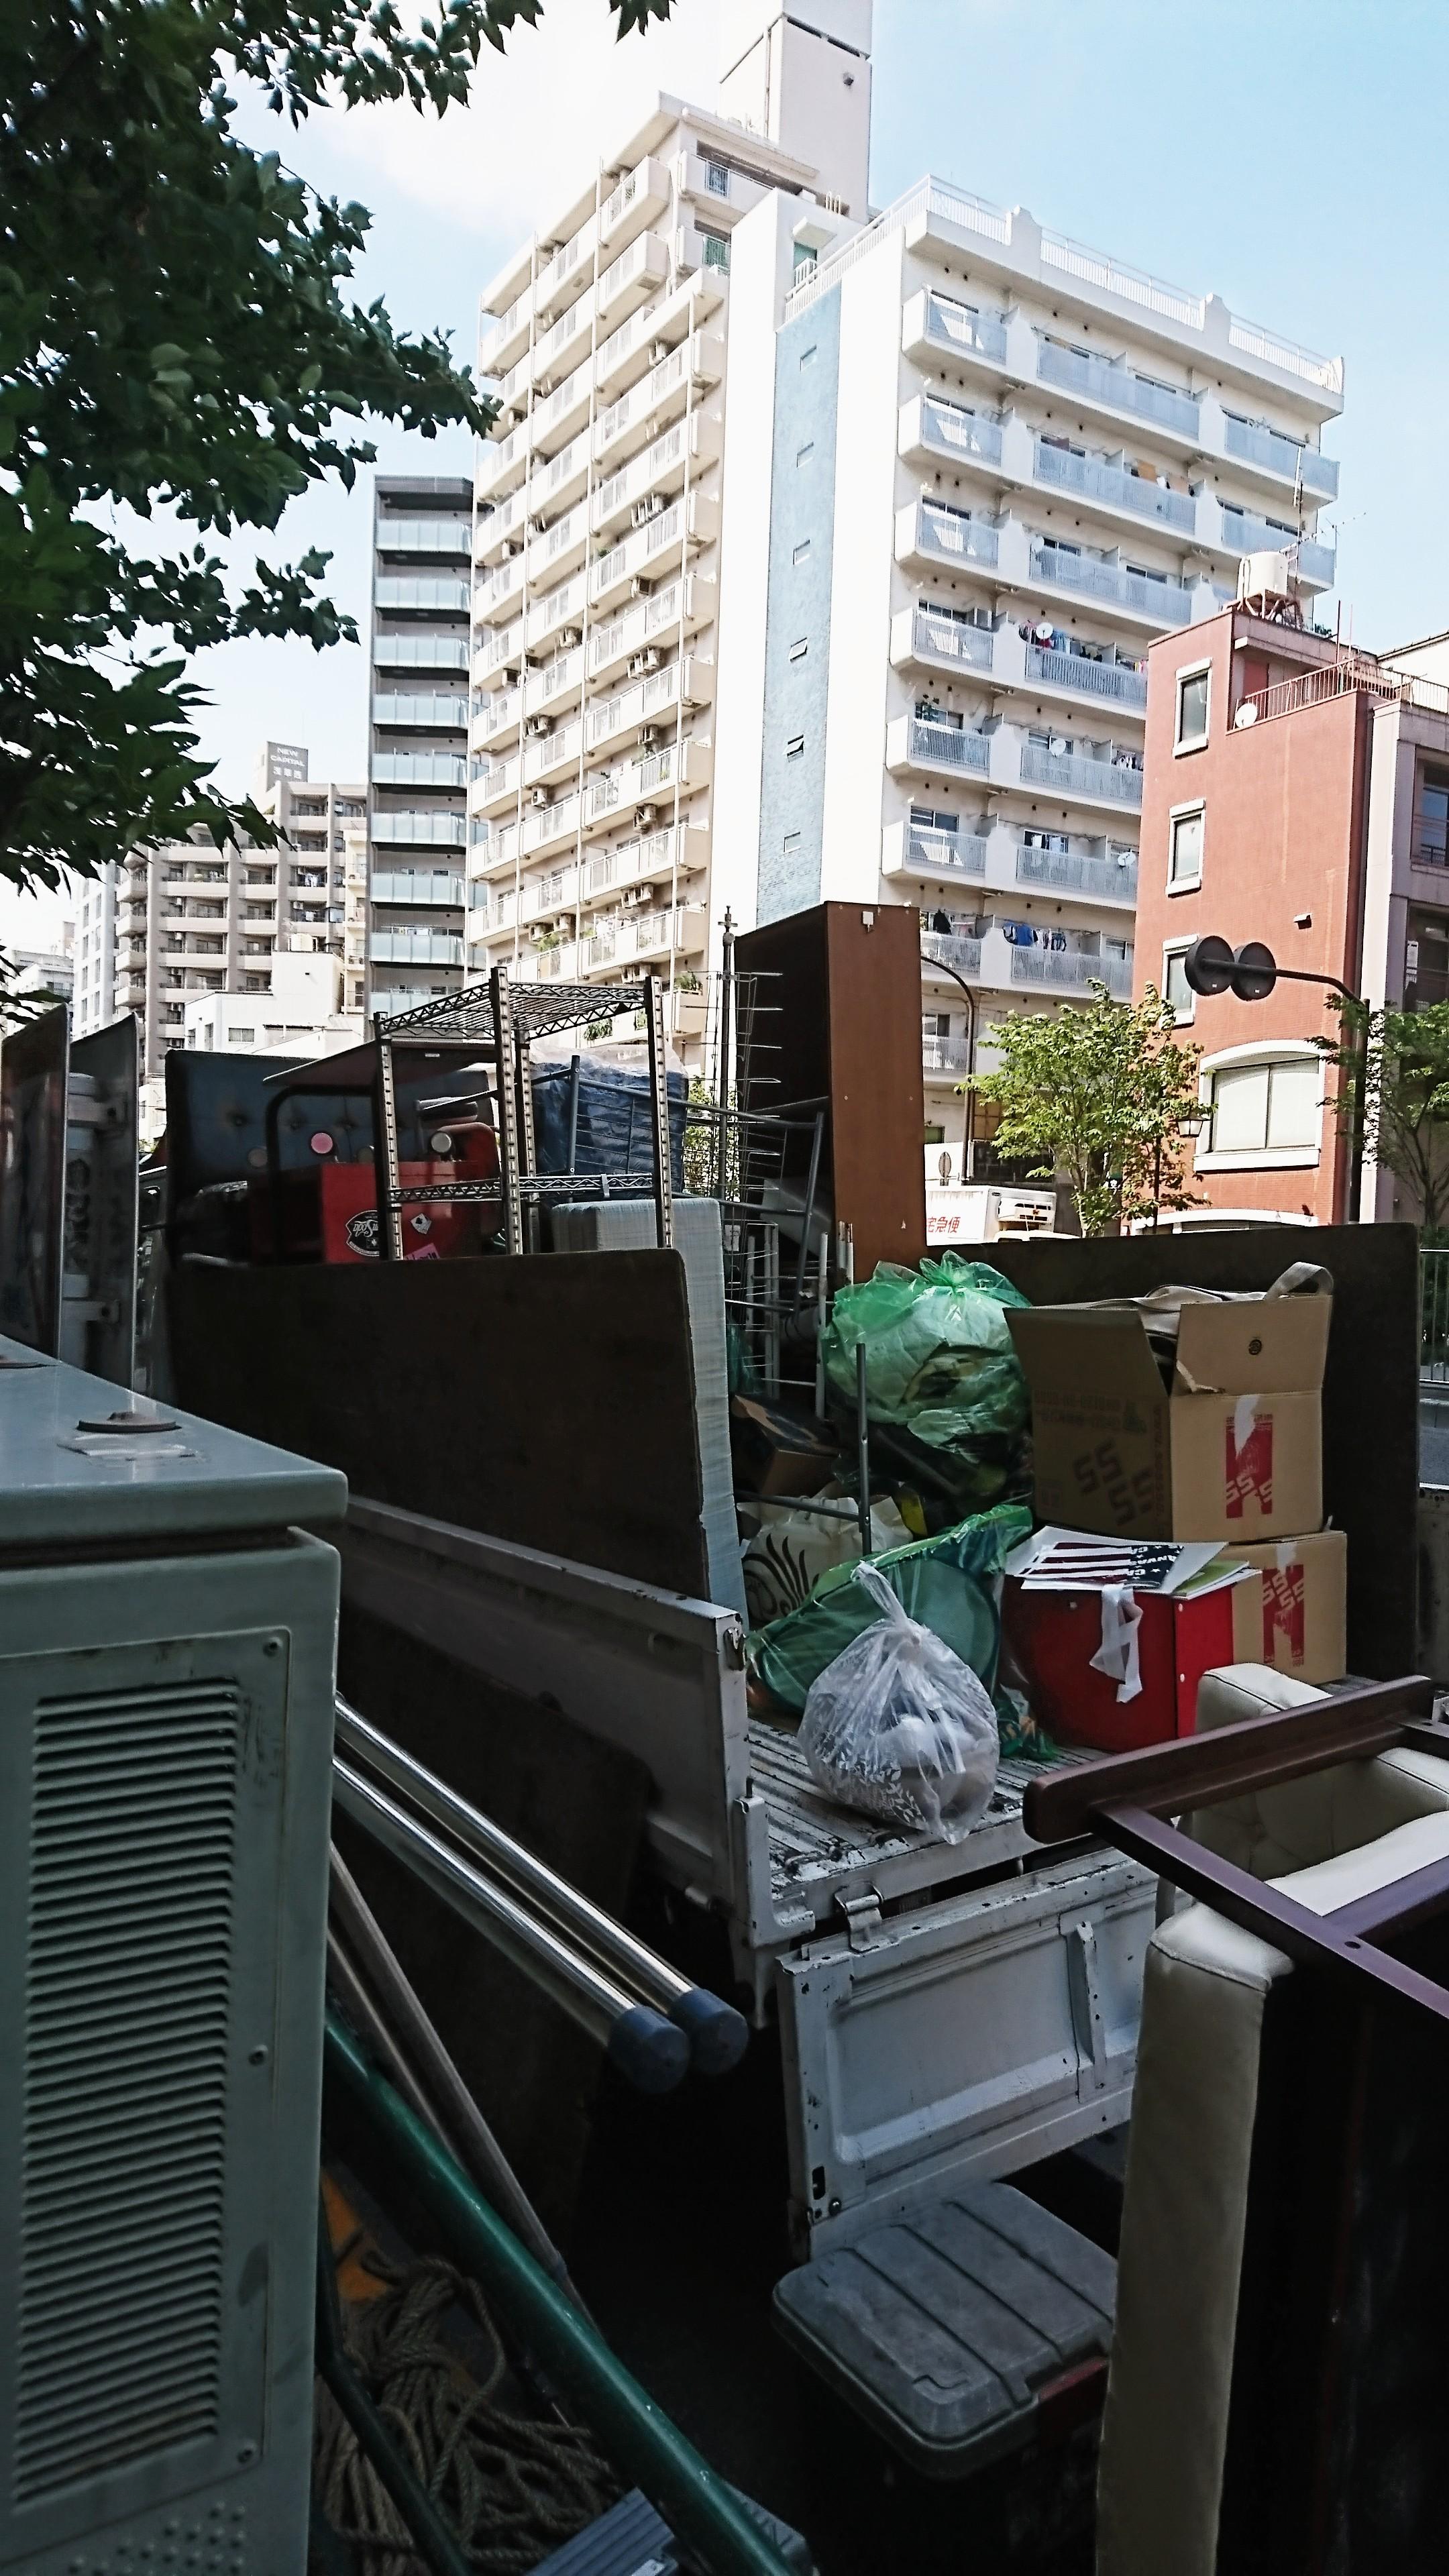 横浜市緑区 屋根裏 選別 不要品回収